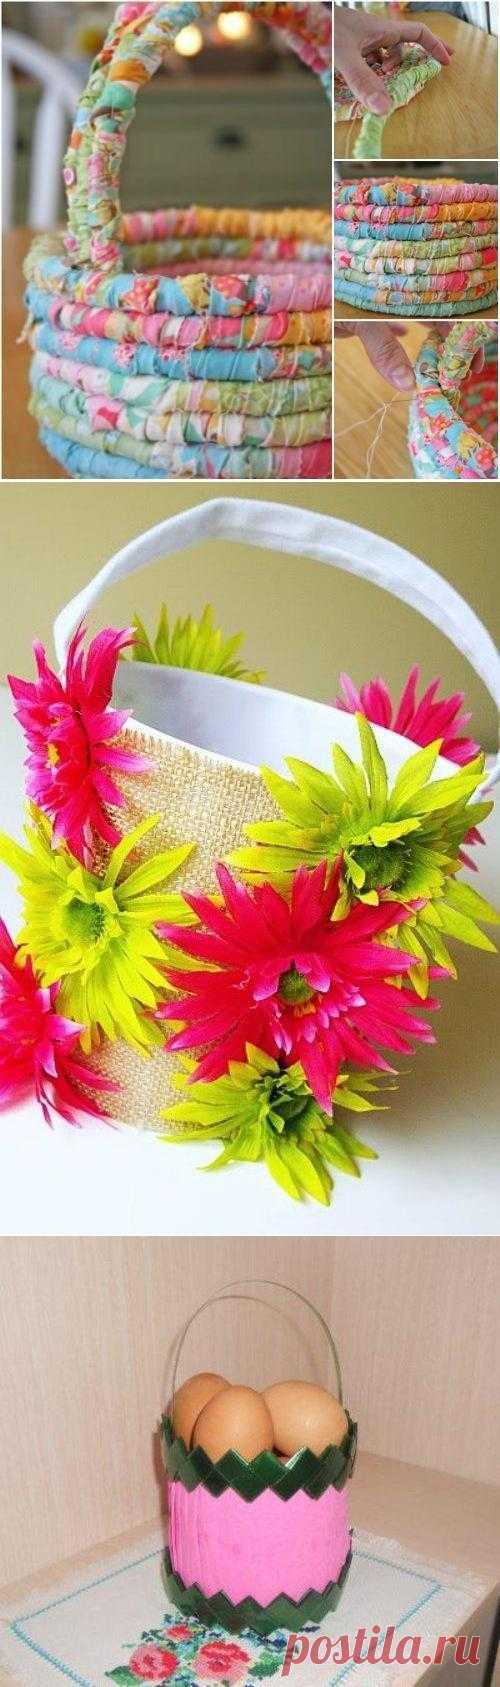 Пасхальные корзинки своими руками - из ткани, украшенные цветами или просто из пластиковой бутылки - просто, красиво и празднично.